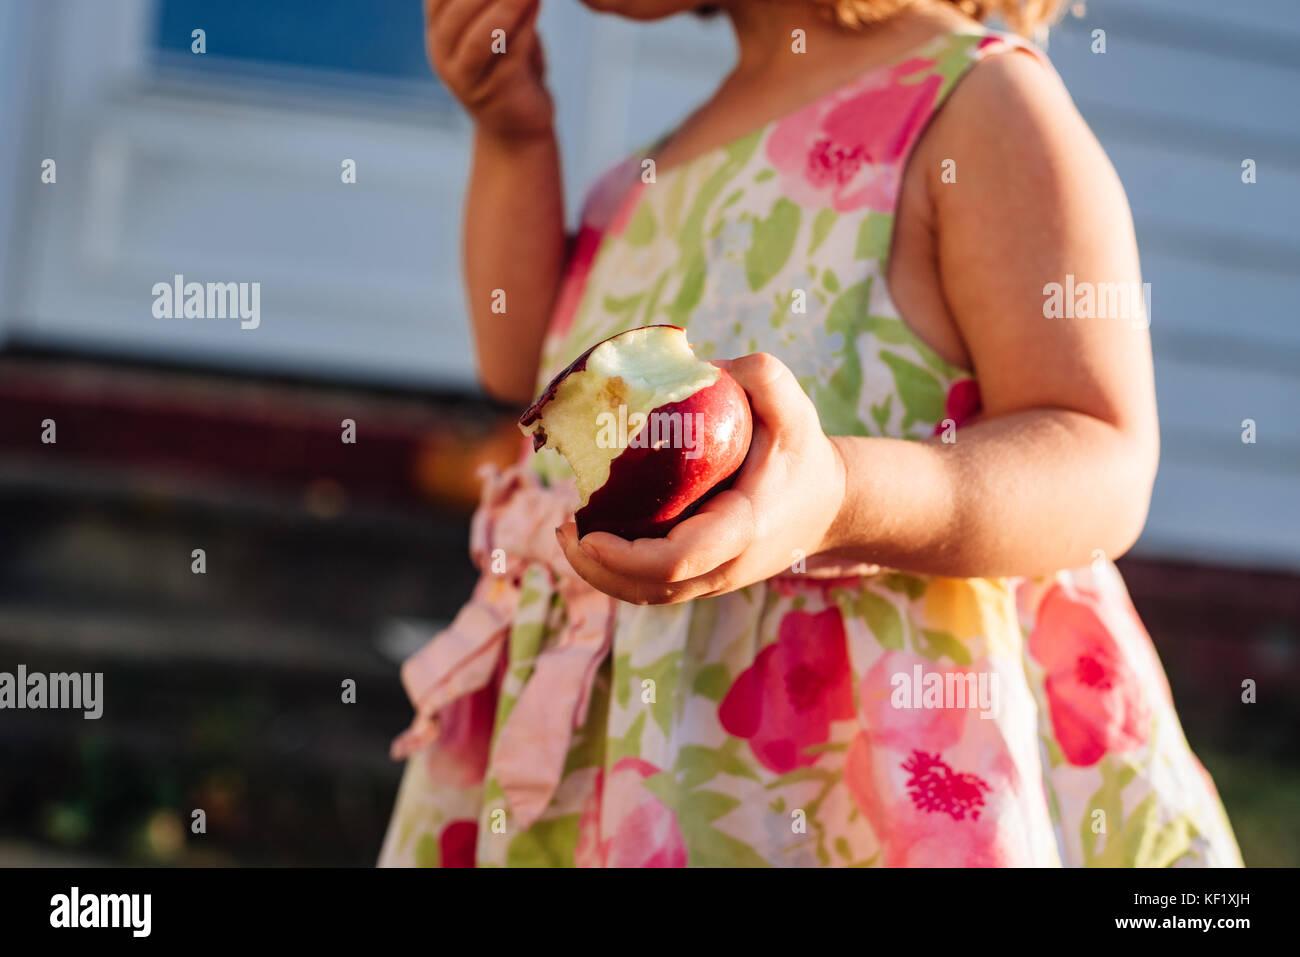 2-3 Jahre alten Holding halben Apfel gegessen. Stockbild